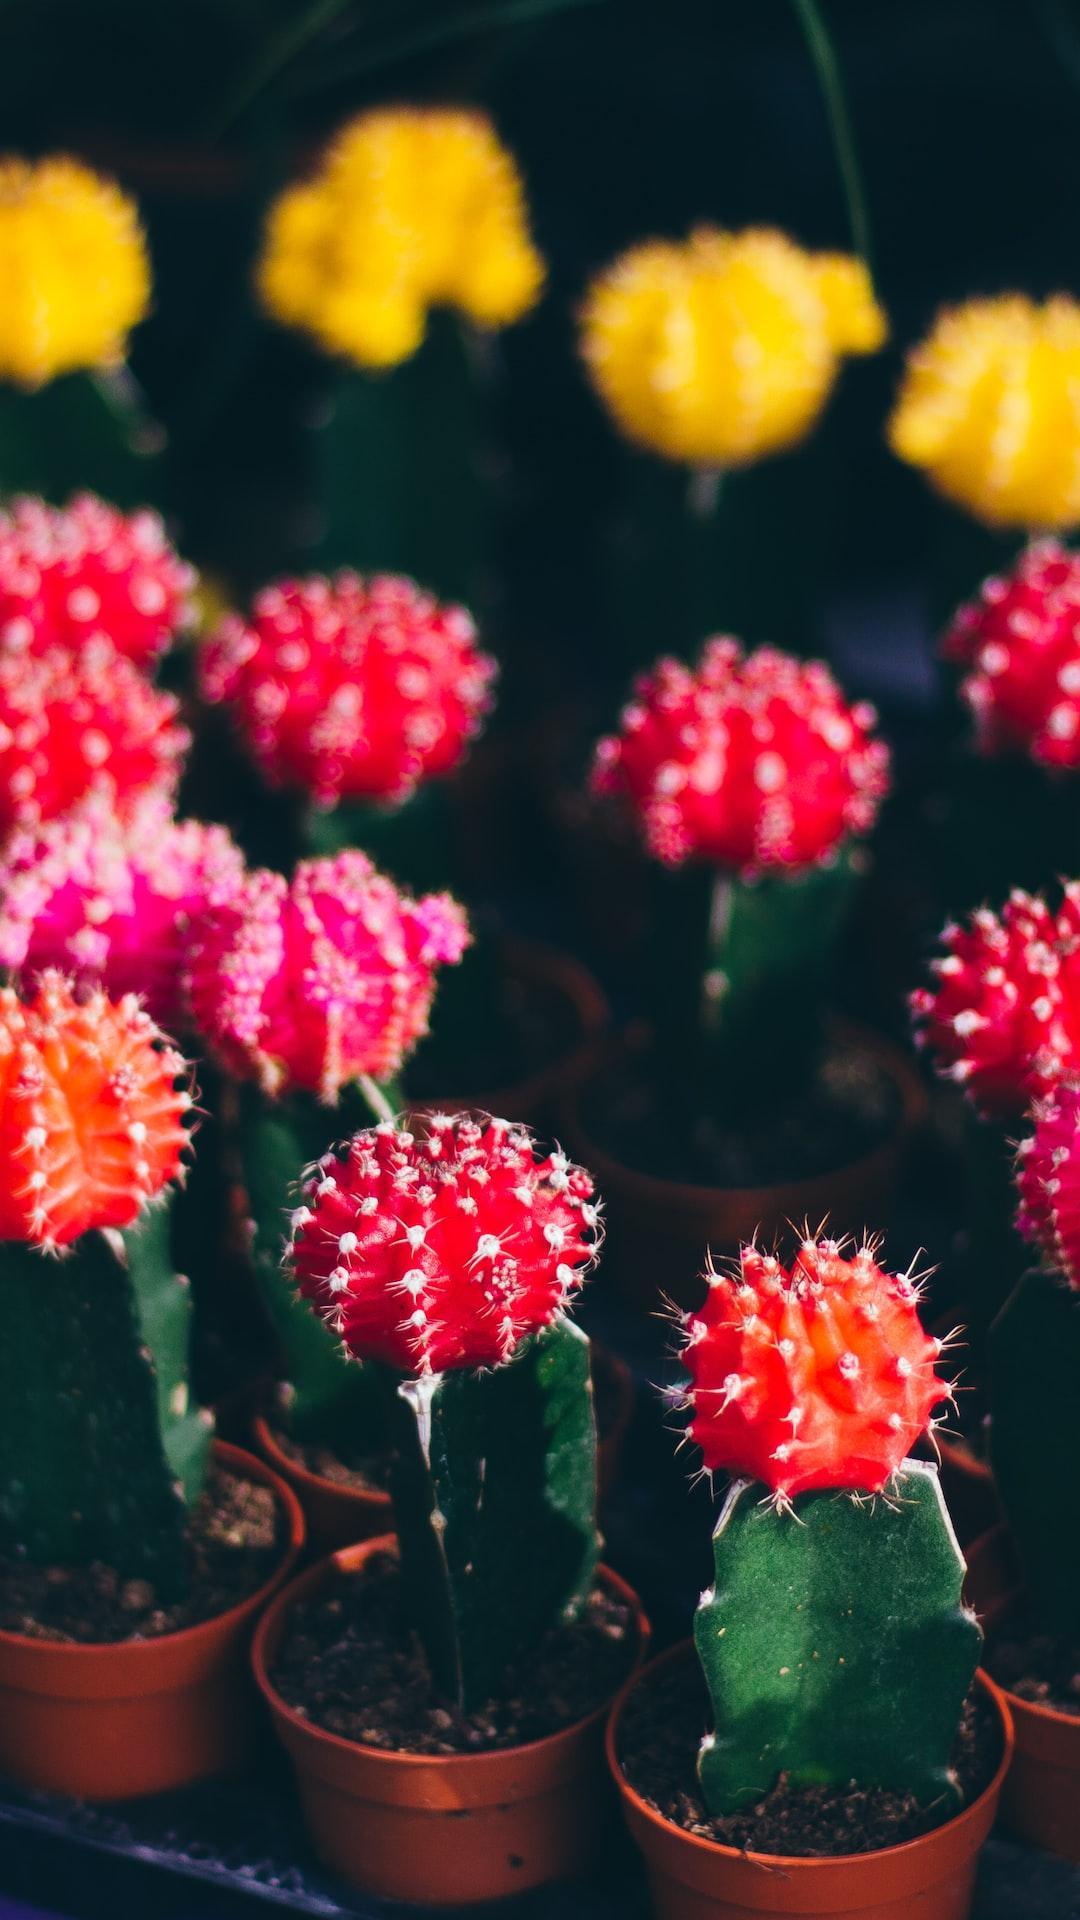 Colorful cactus 🌵